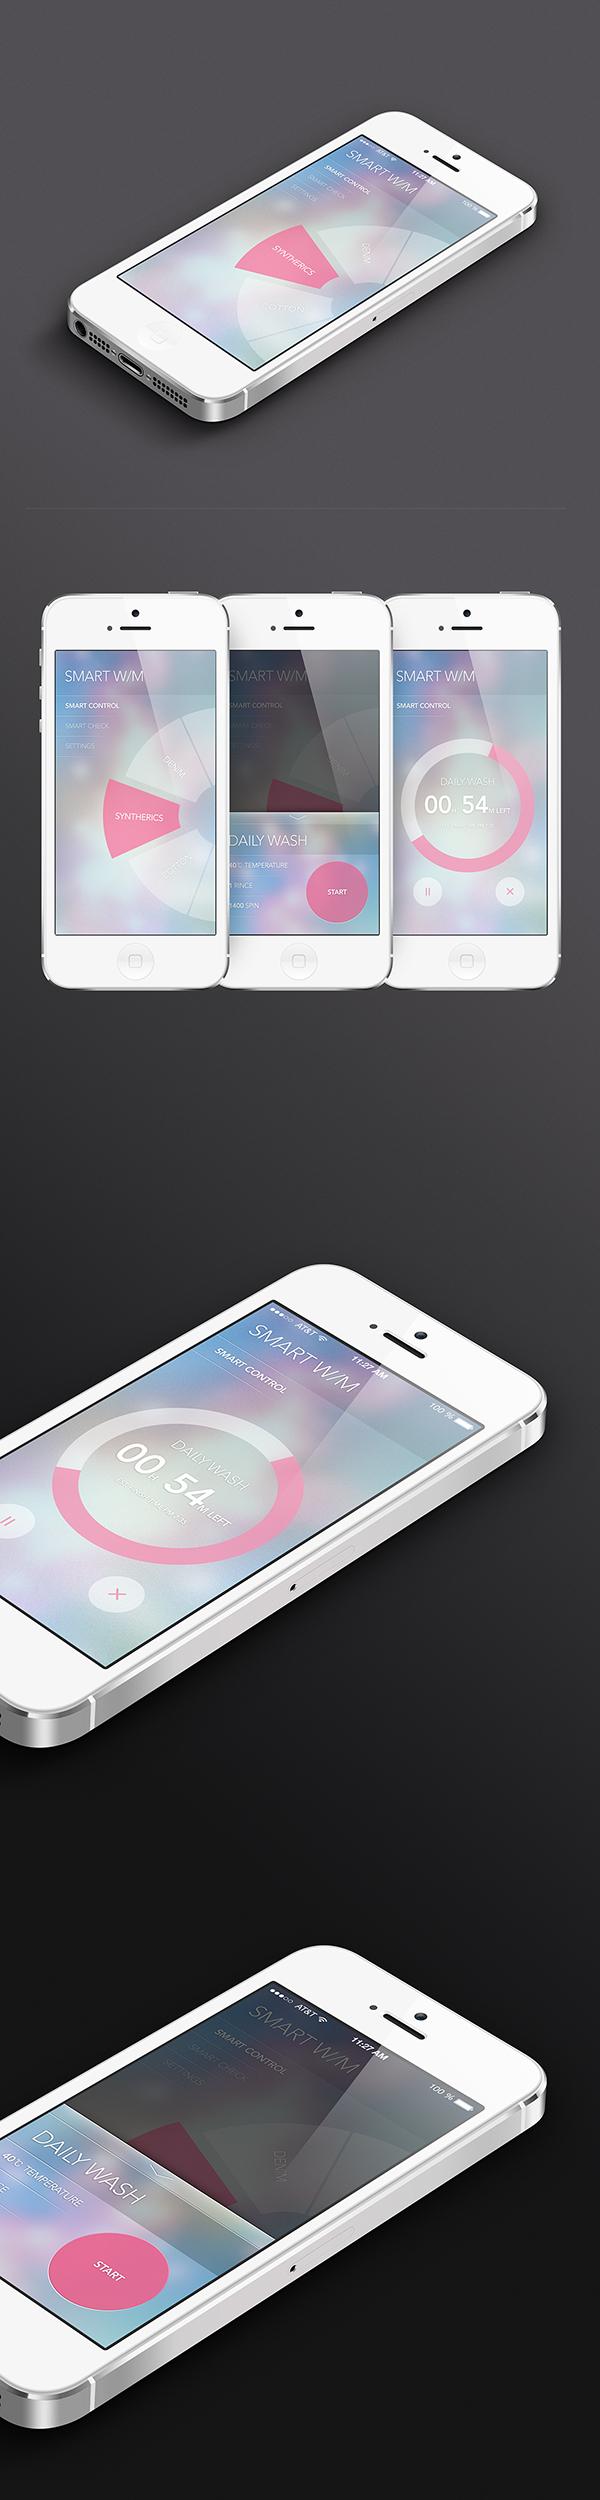 smart washer app ui on behance. Black Bedroom Furniture Sets. Home Design Ideas